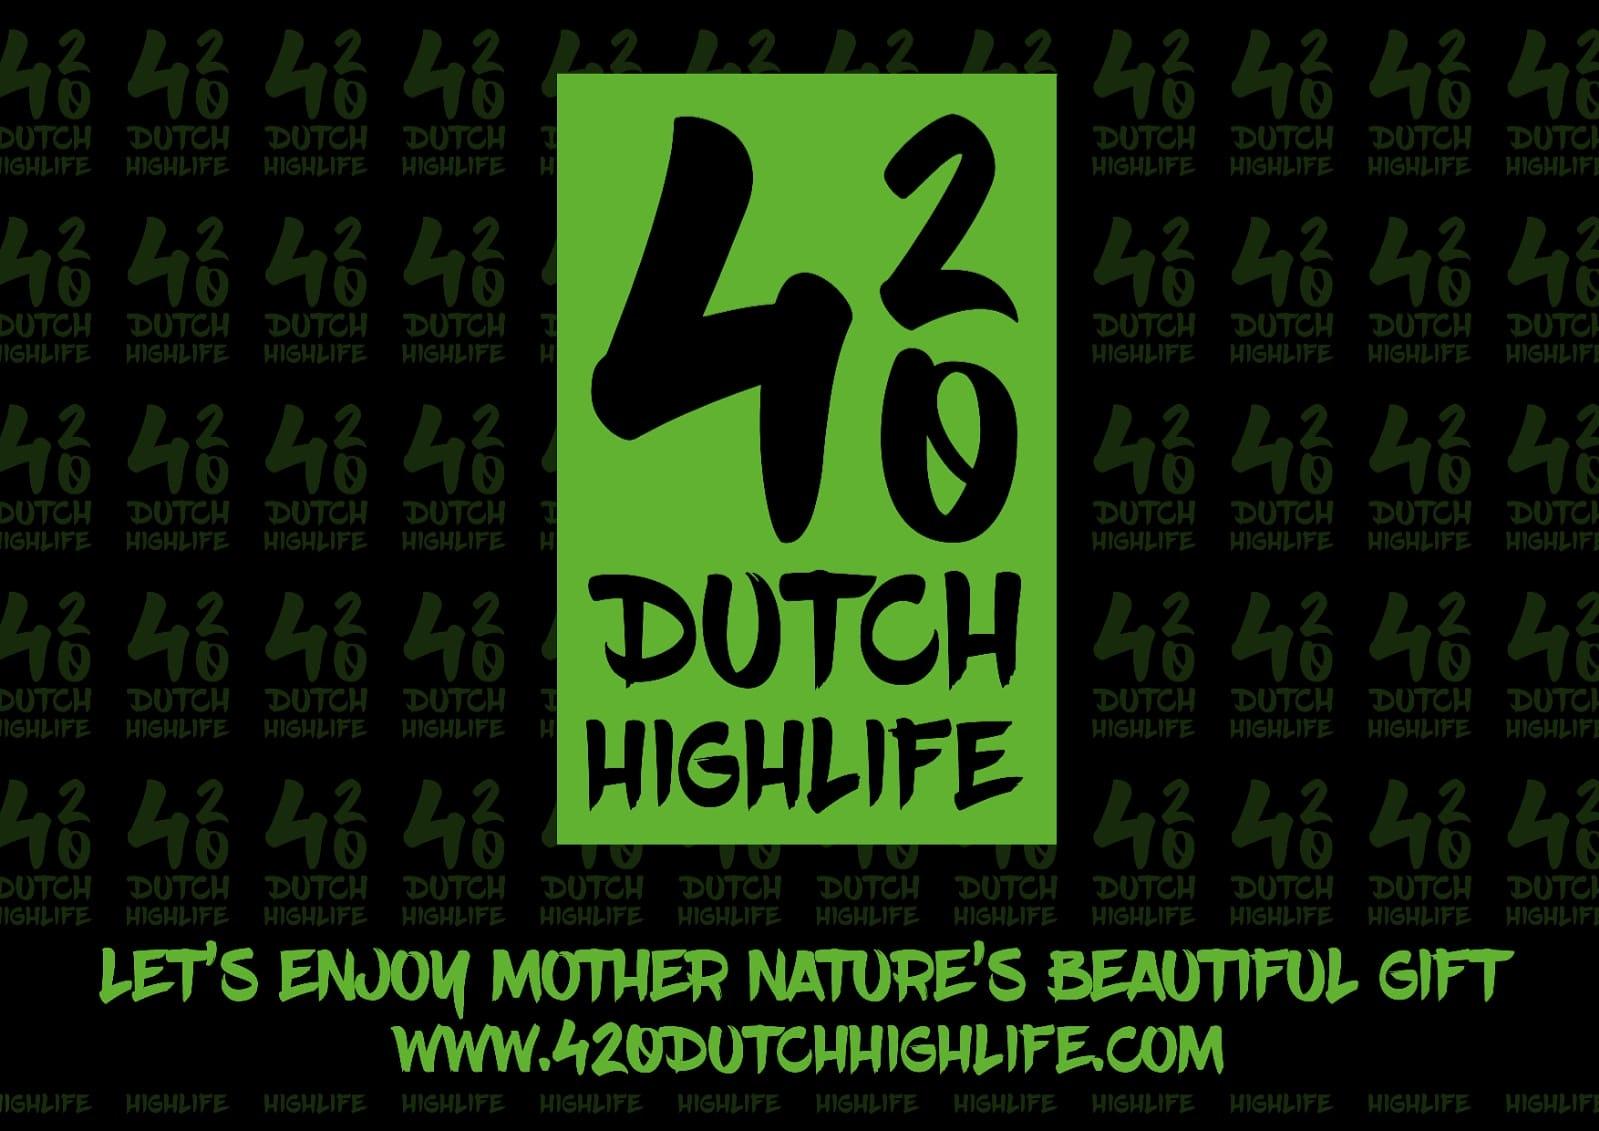 420 Dutch Highlife